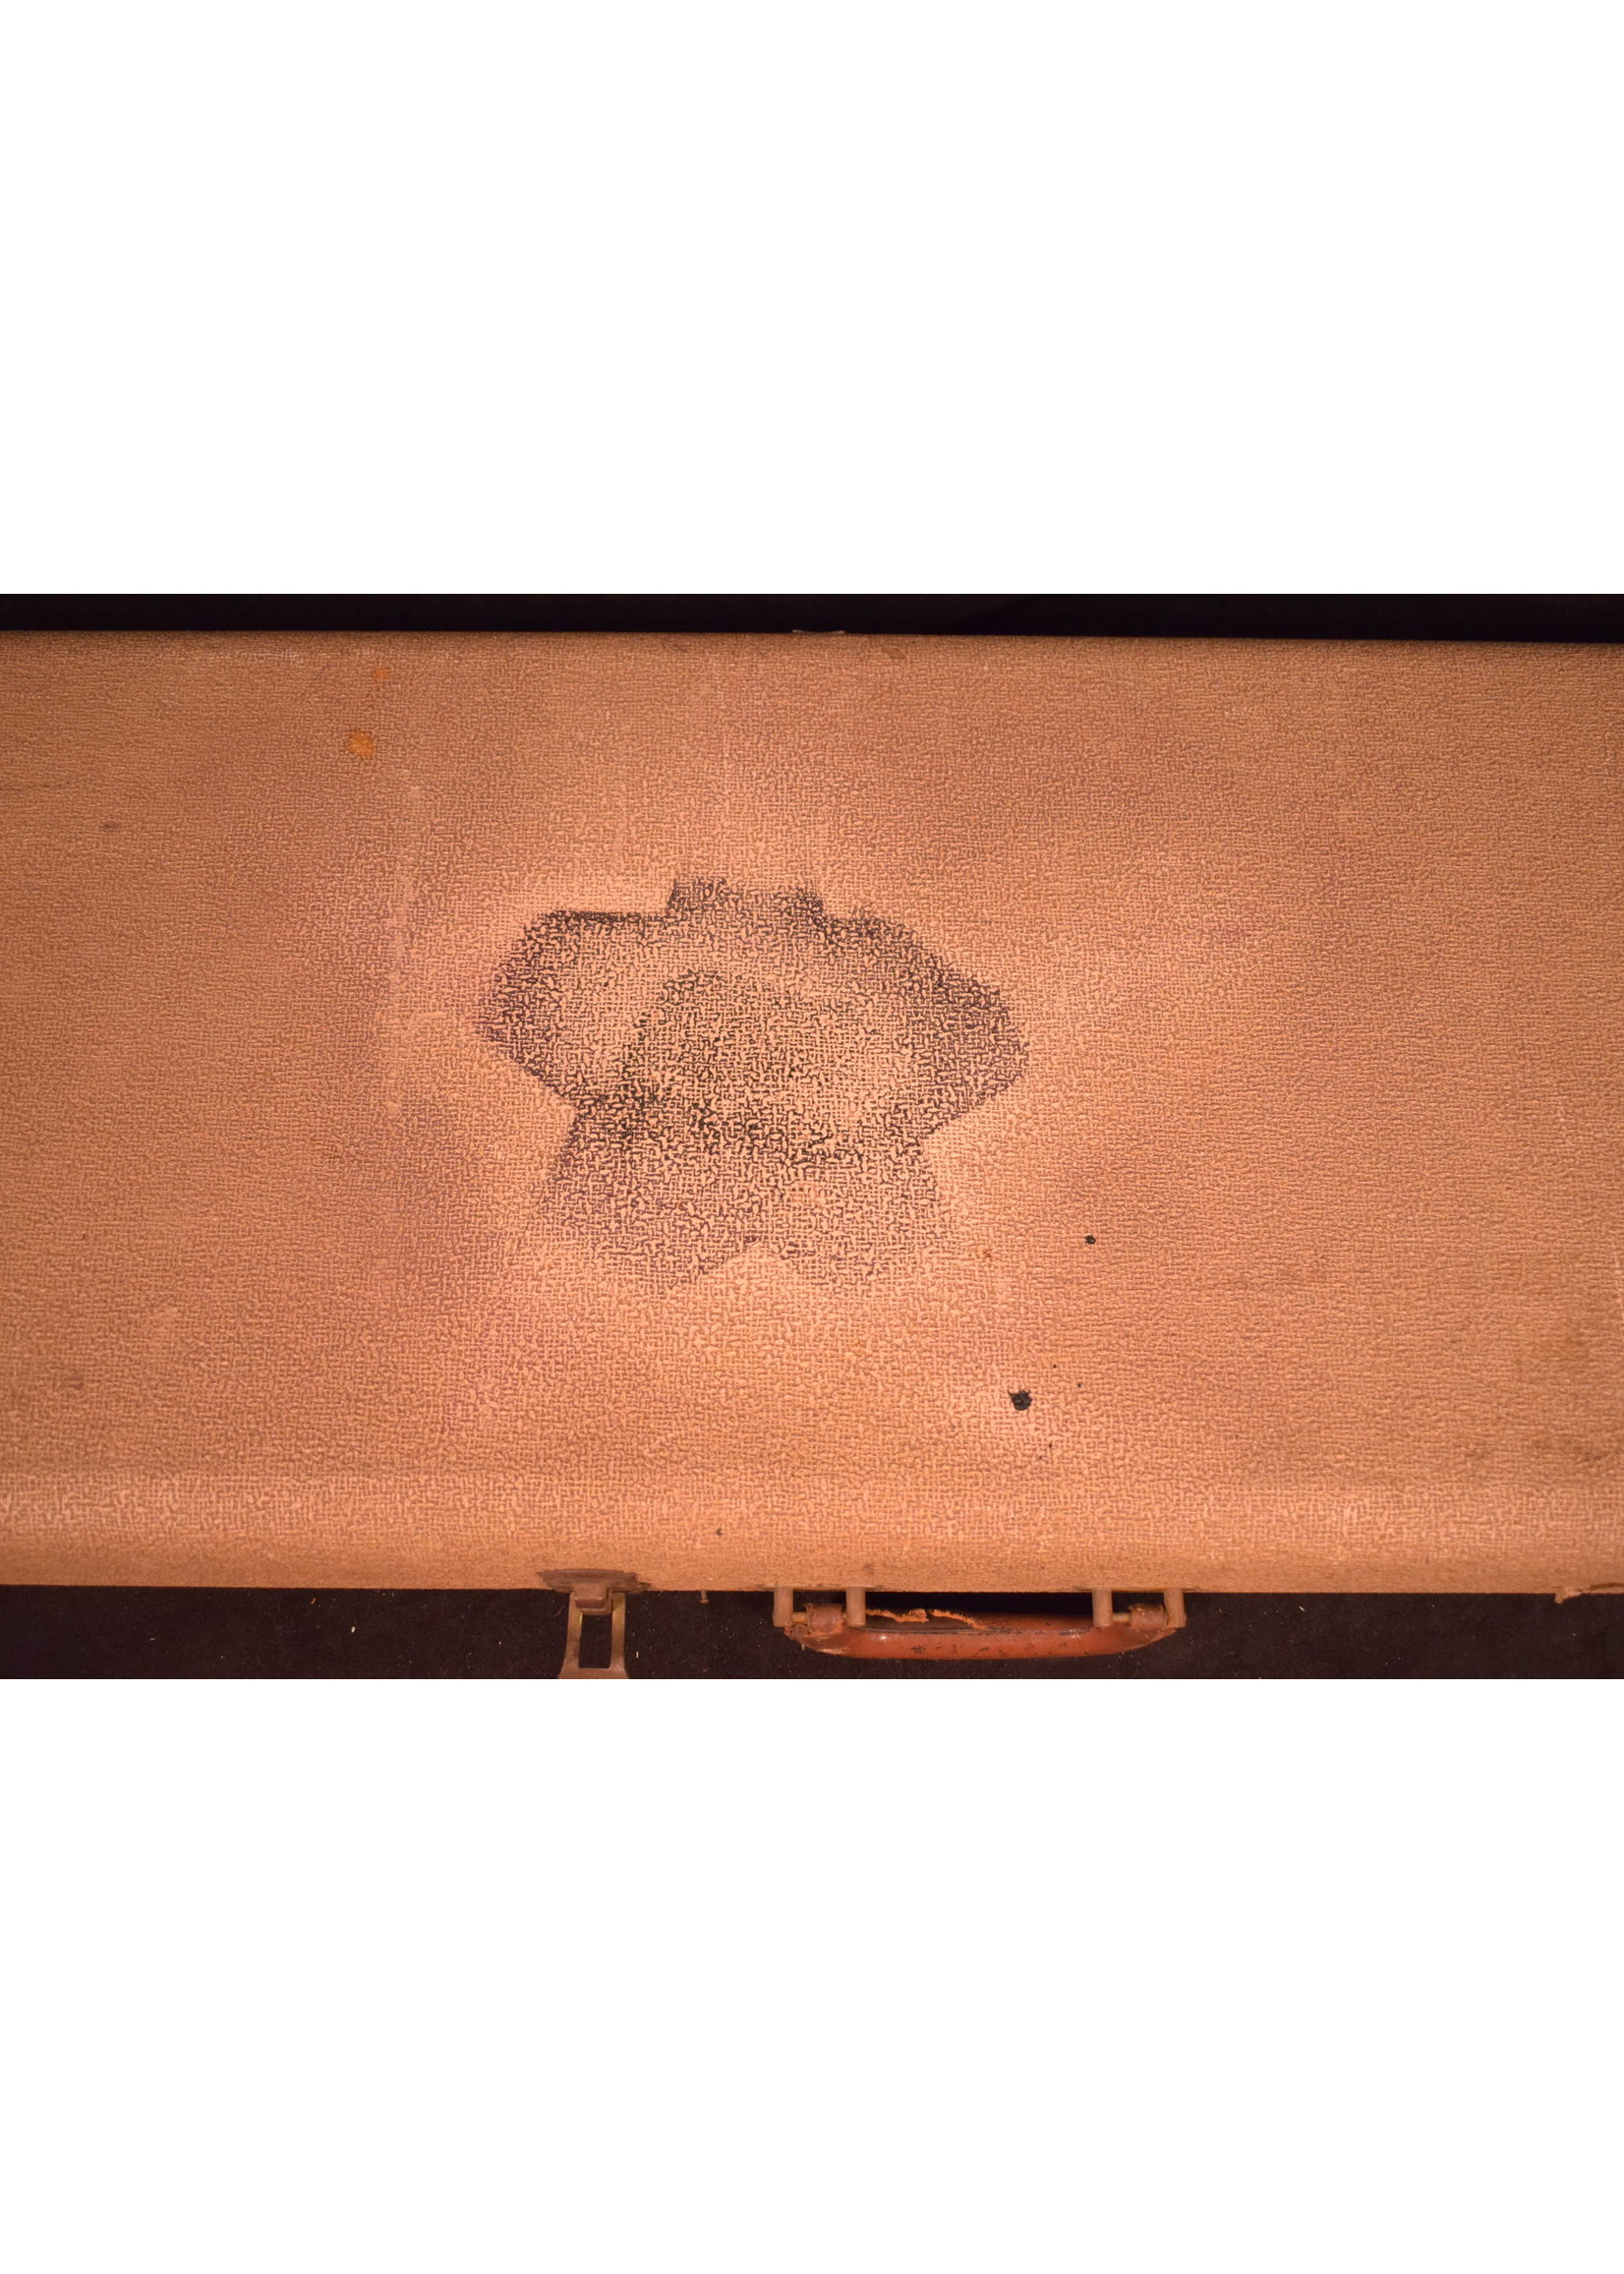 Fender Fender Vintage 1958-1961 Jazzmaster Guitar Case